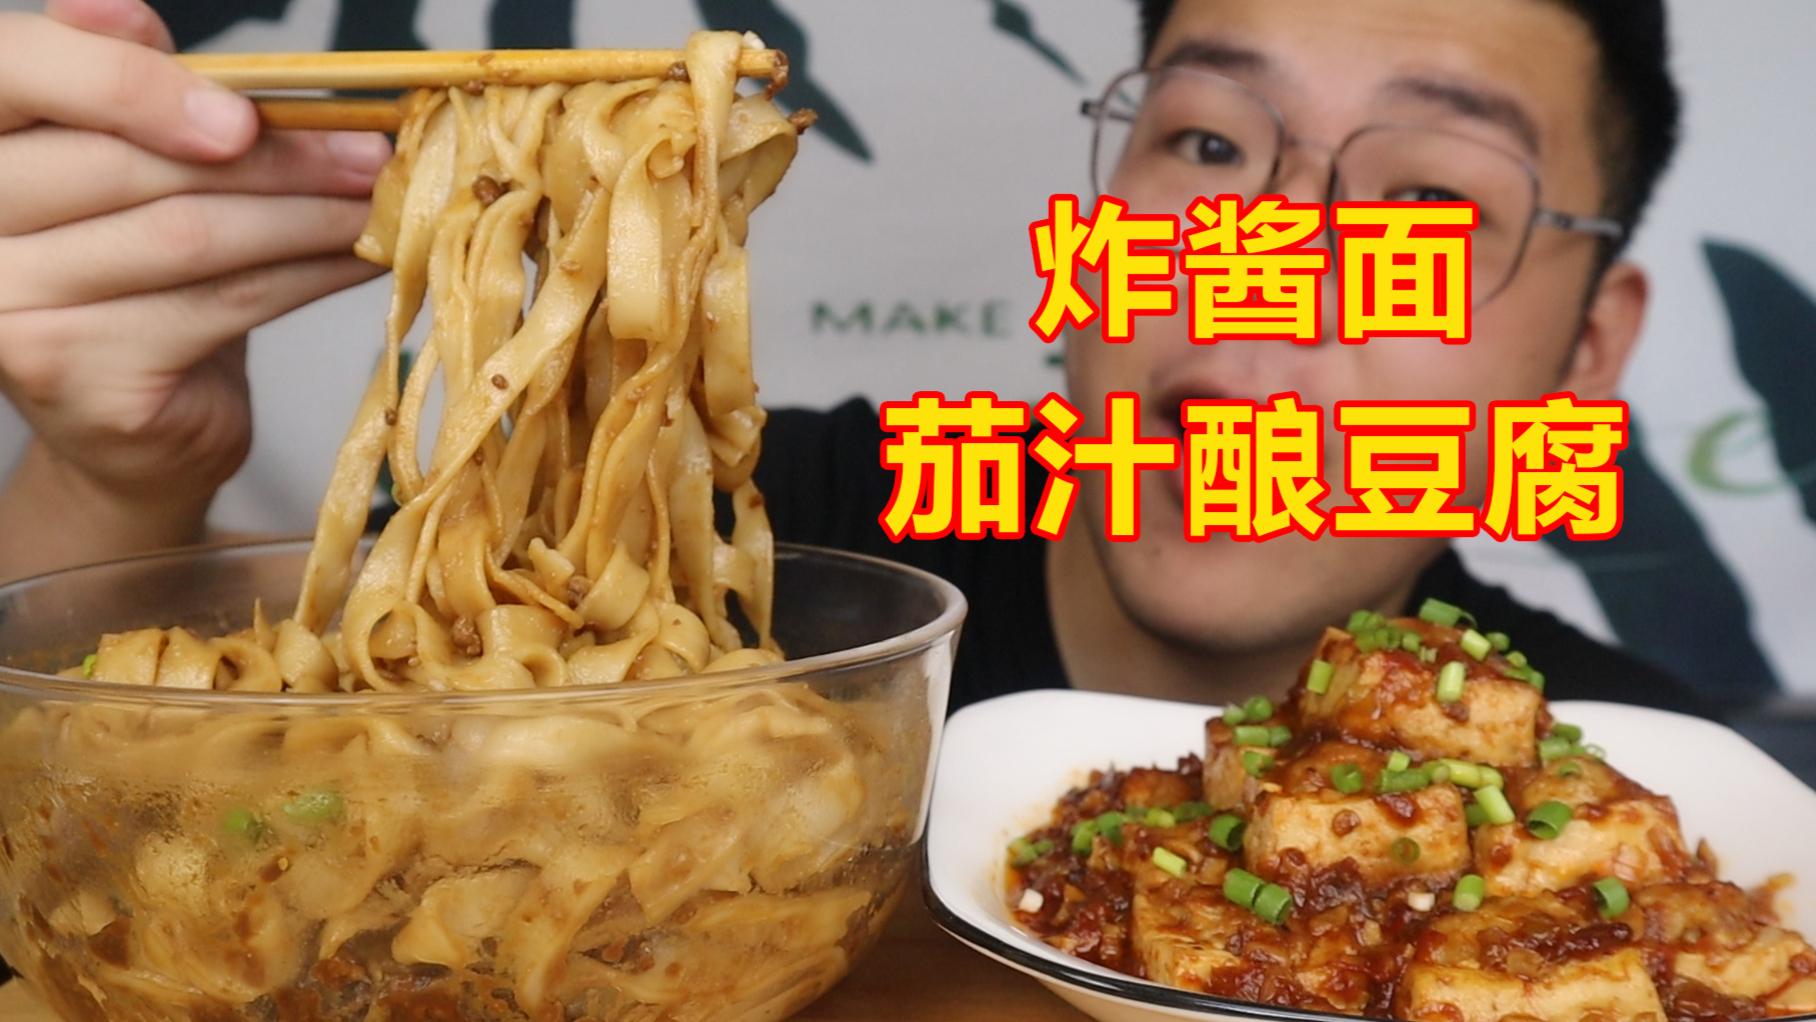 自制炸酱面,茄汁酿豆腐,搭配一杯冰镇饮料,吃的太过瘾了!